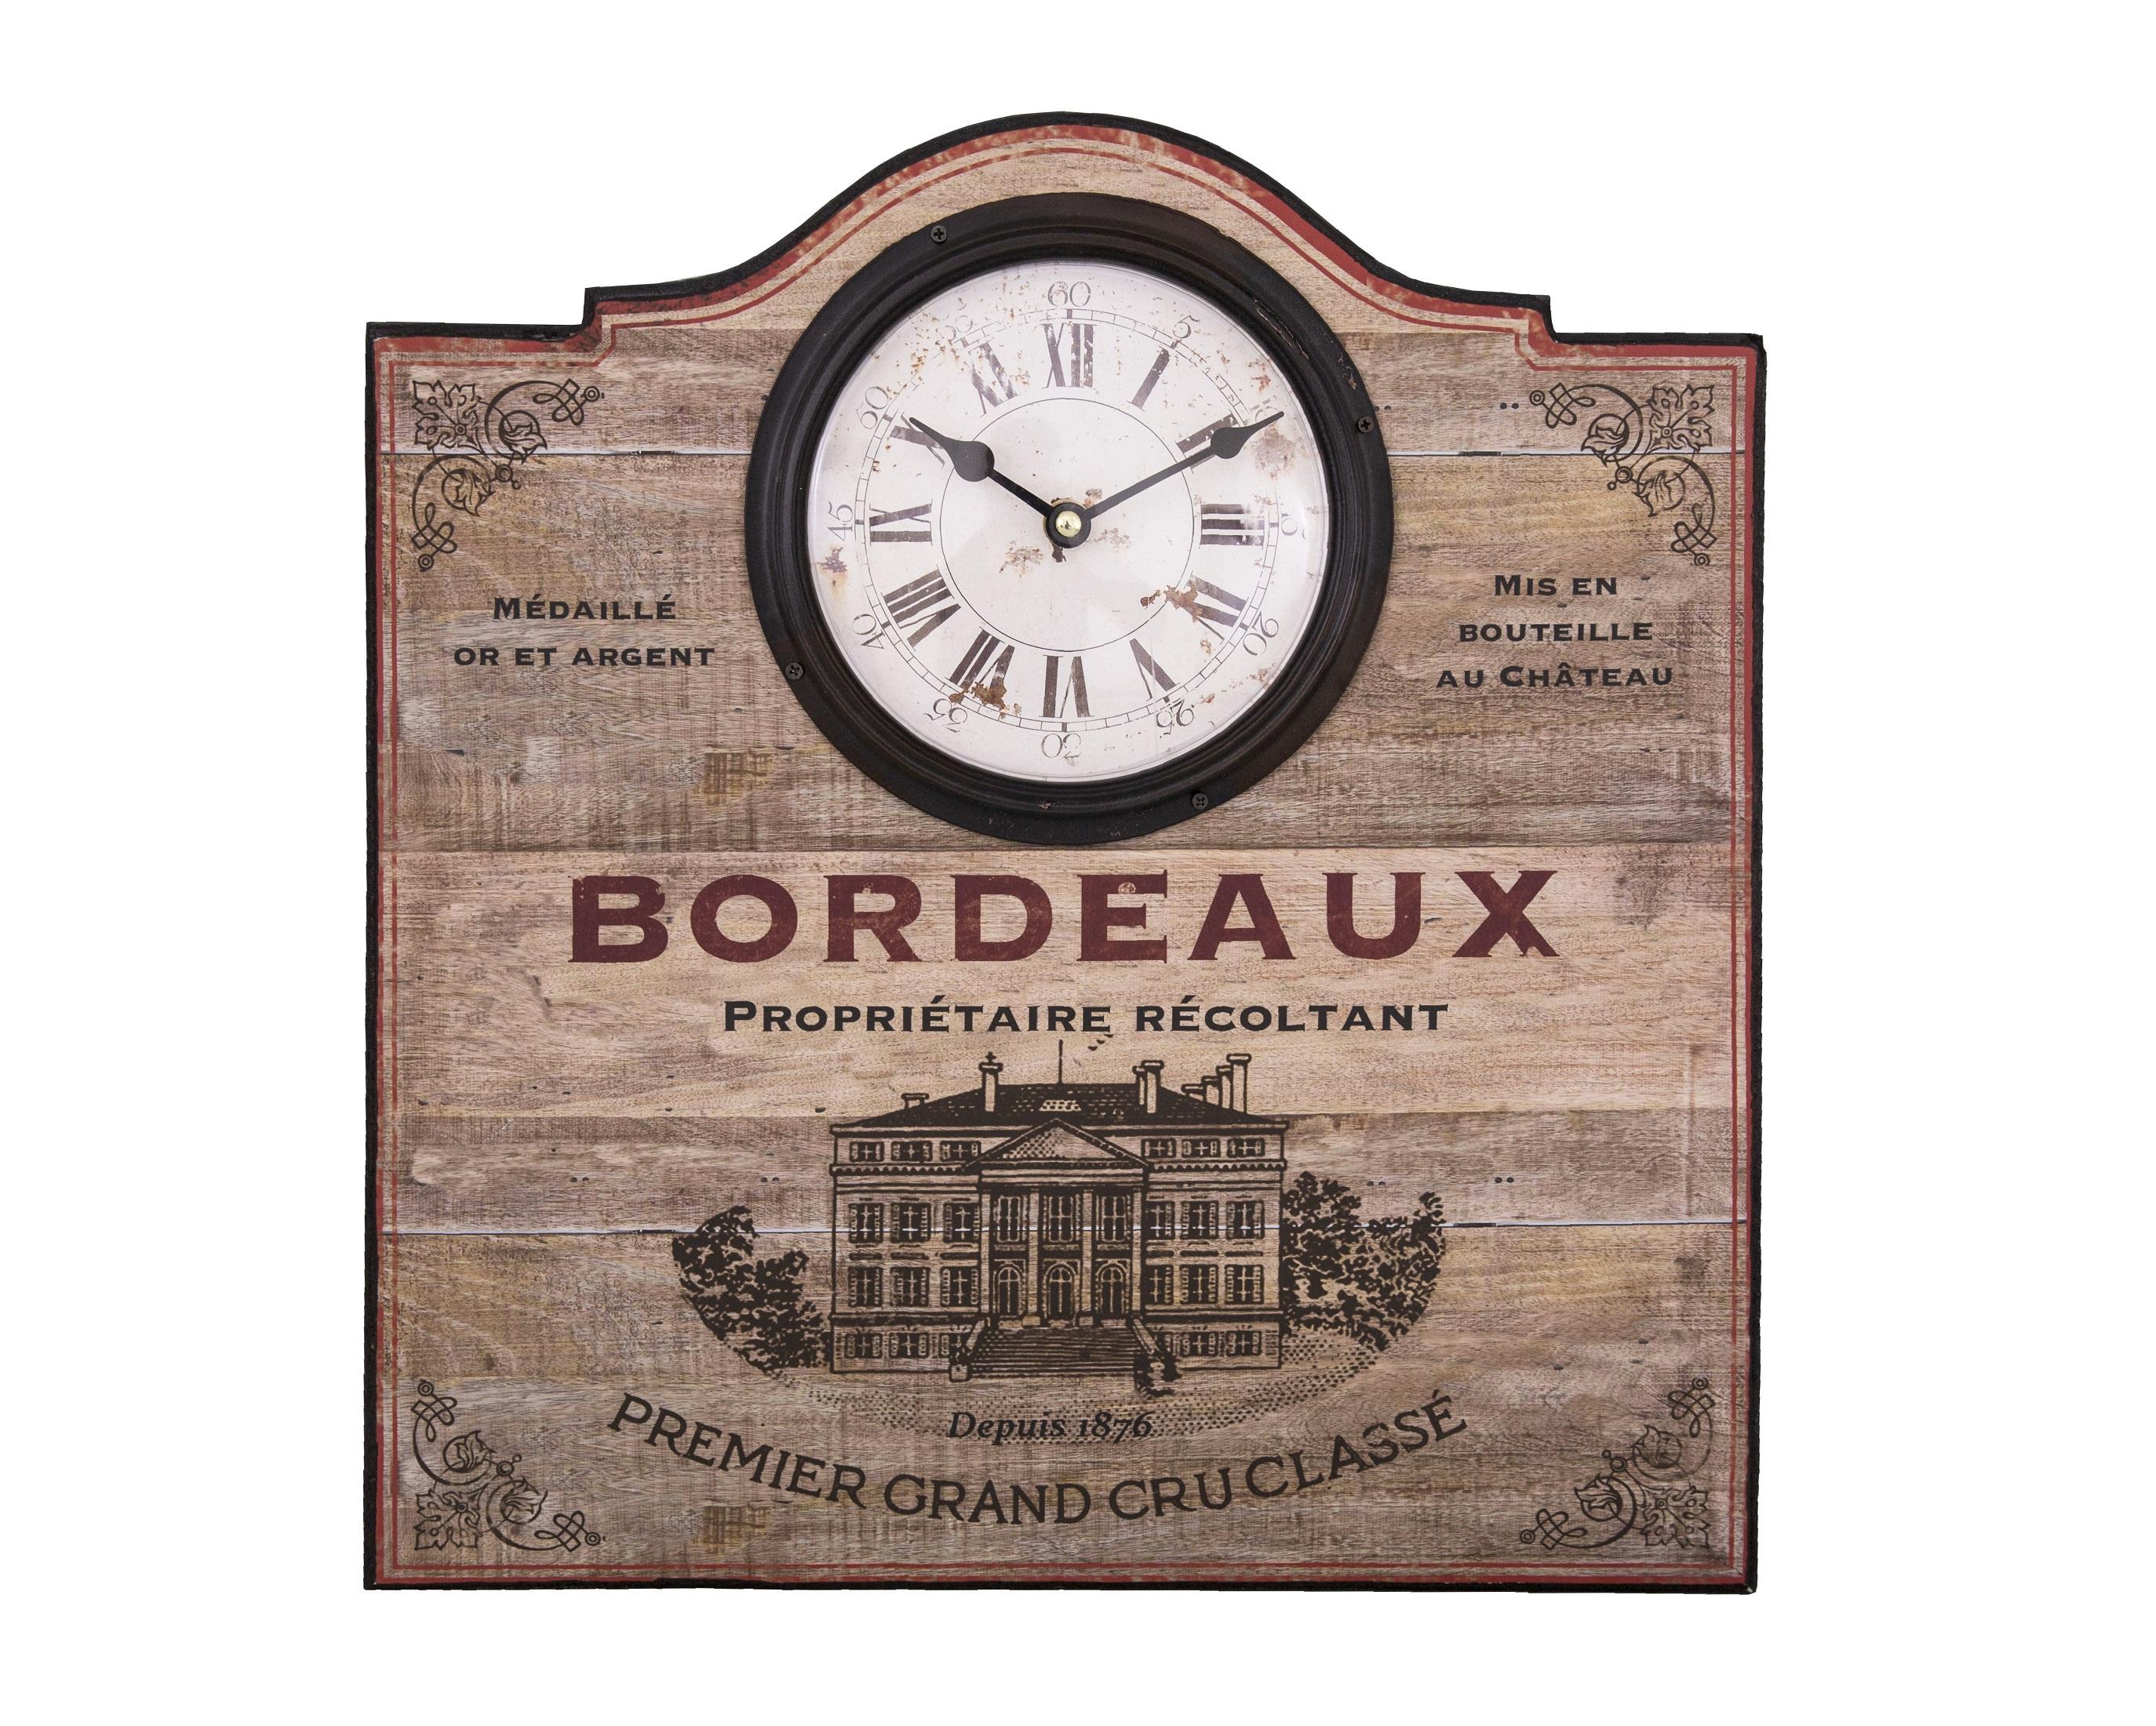 Настенные часы BordeauxНастенные часы<br>&amp;lt;div&amp;gt;Механизм: кварцевый&amp;lt;/div&amp;gt;&amp;lt;div&amp;gt;Материал: железо, МДФ, стекло&amp;lt;/div&amp;gt;<br><br>Material: Металл<br>Length см: None<br>Width см: 43.45<br>Depth см: 2<br>Height см: None